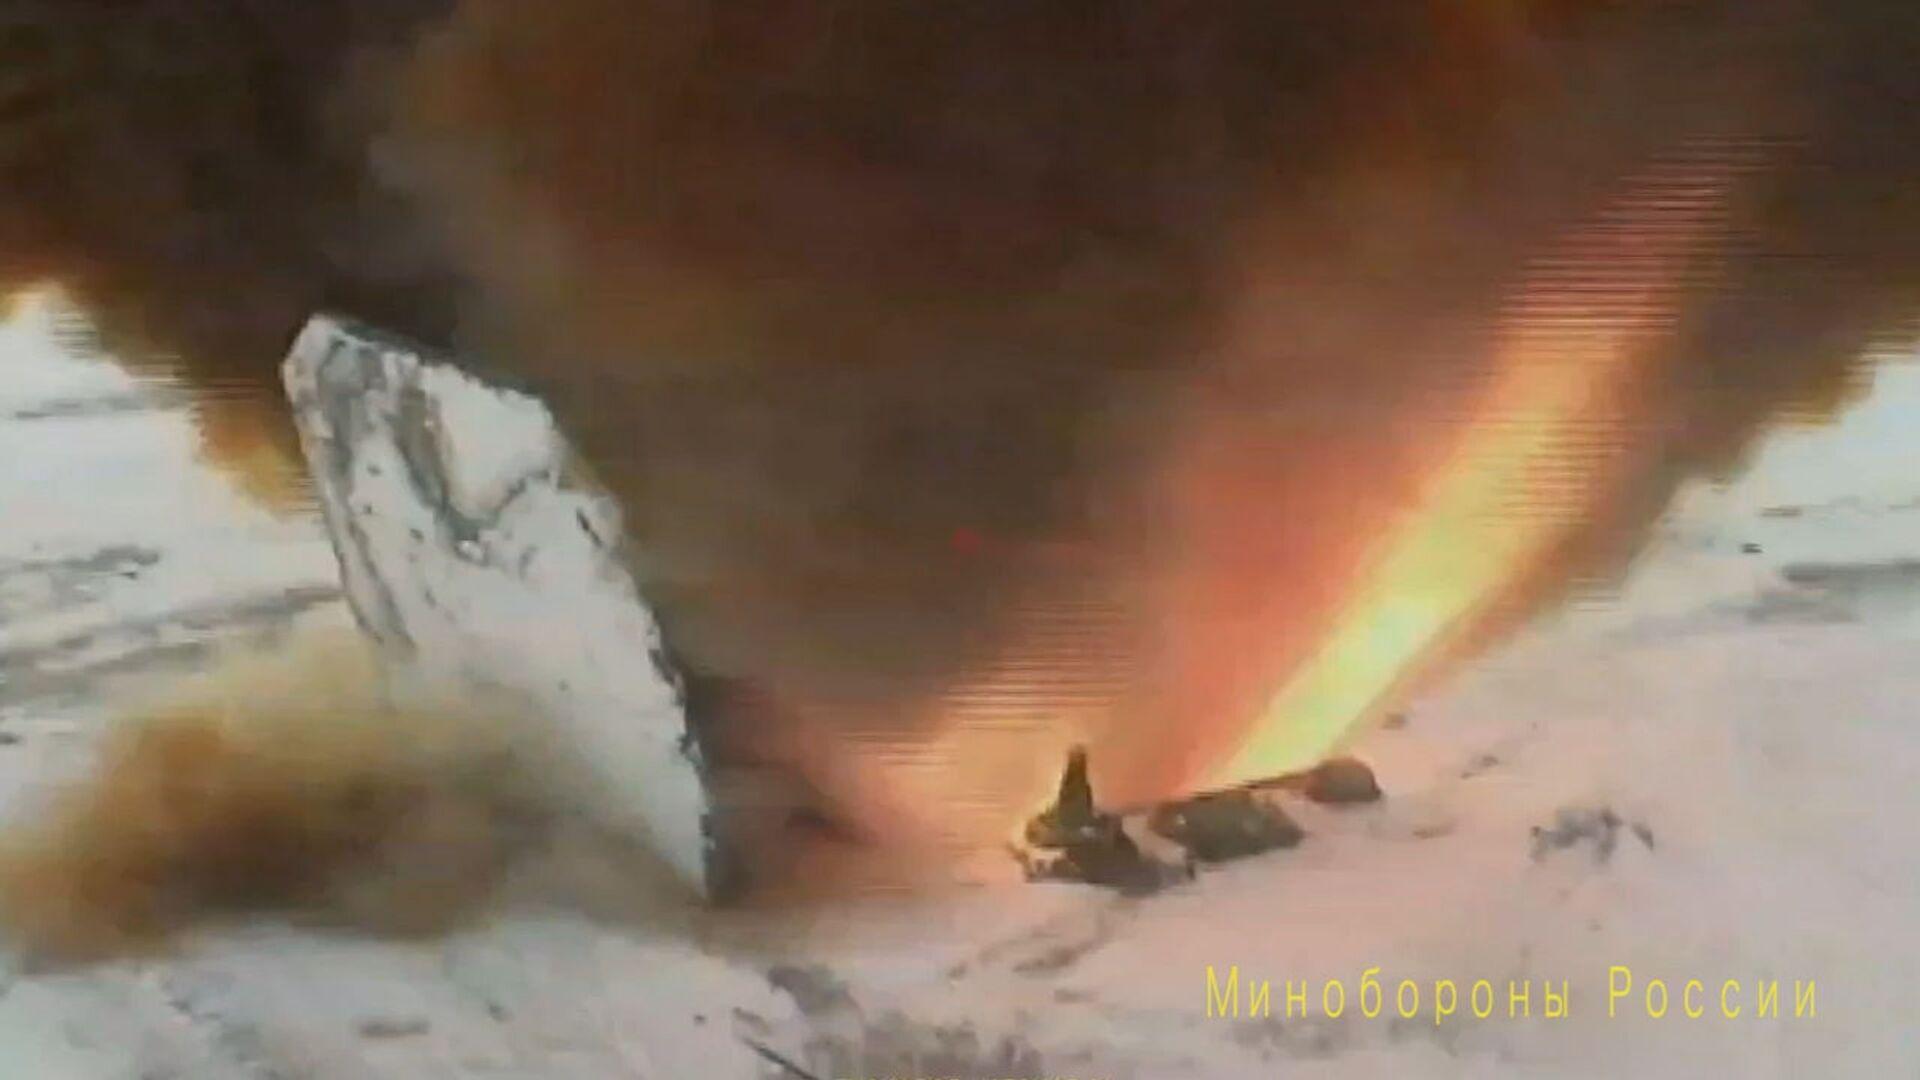 Запуск ракеты комплекса Авангард с гиперзвуковым боевым блоком - РИА Новости, 1920, 23.09.2020